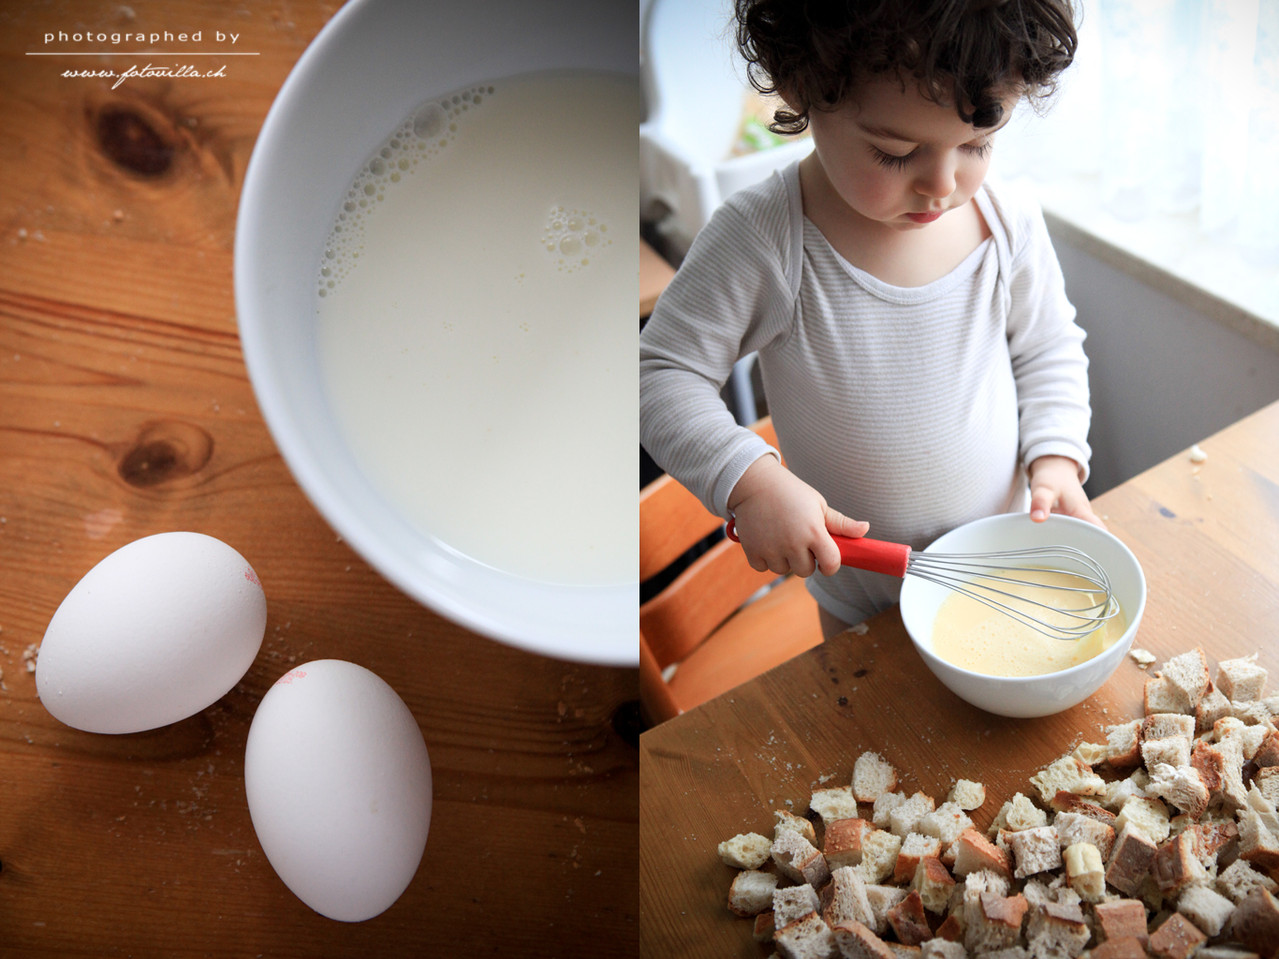 Ein Schluck Milch und ein paar Eier verquirrlen